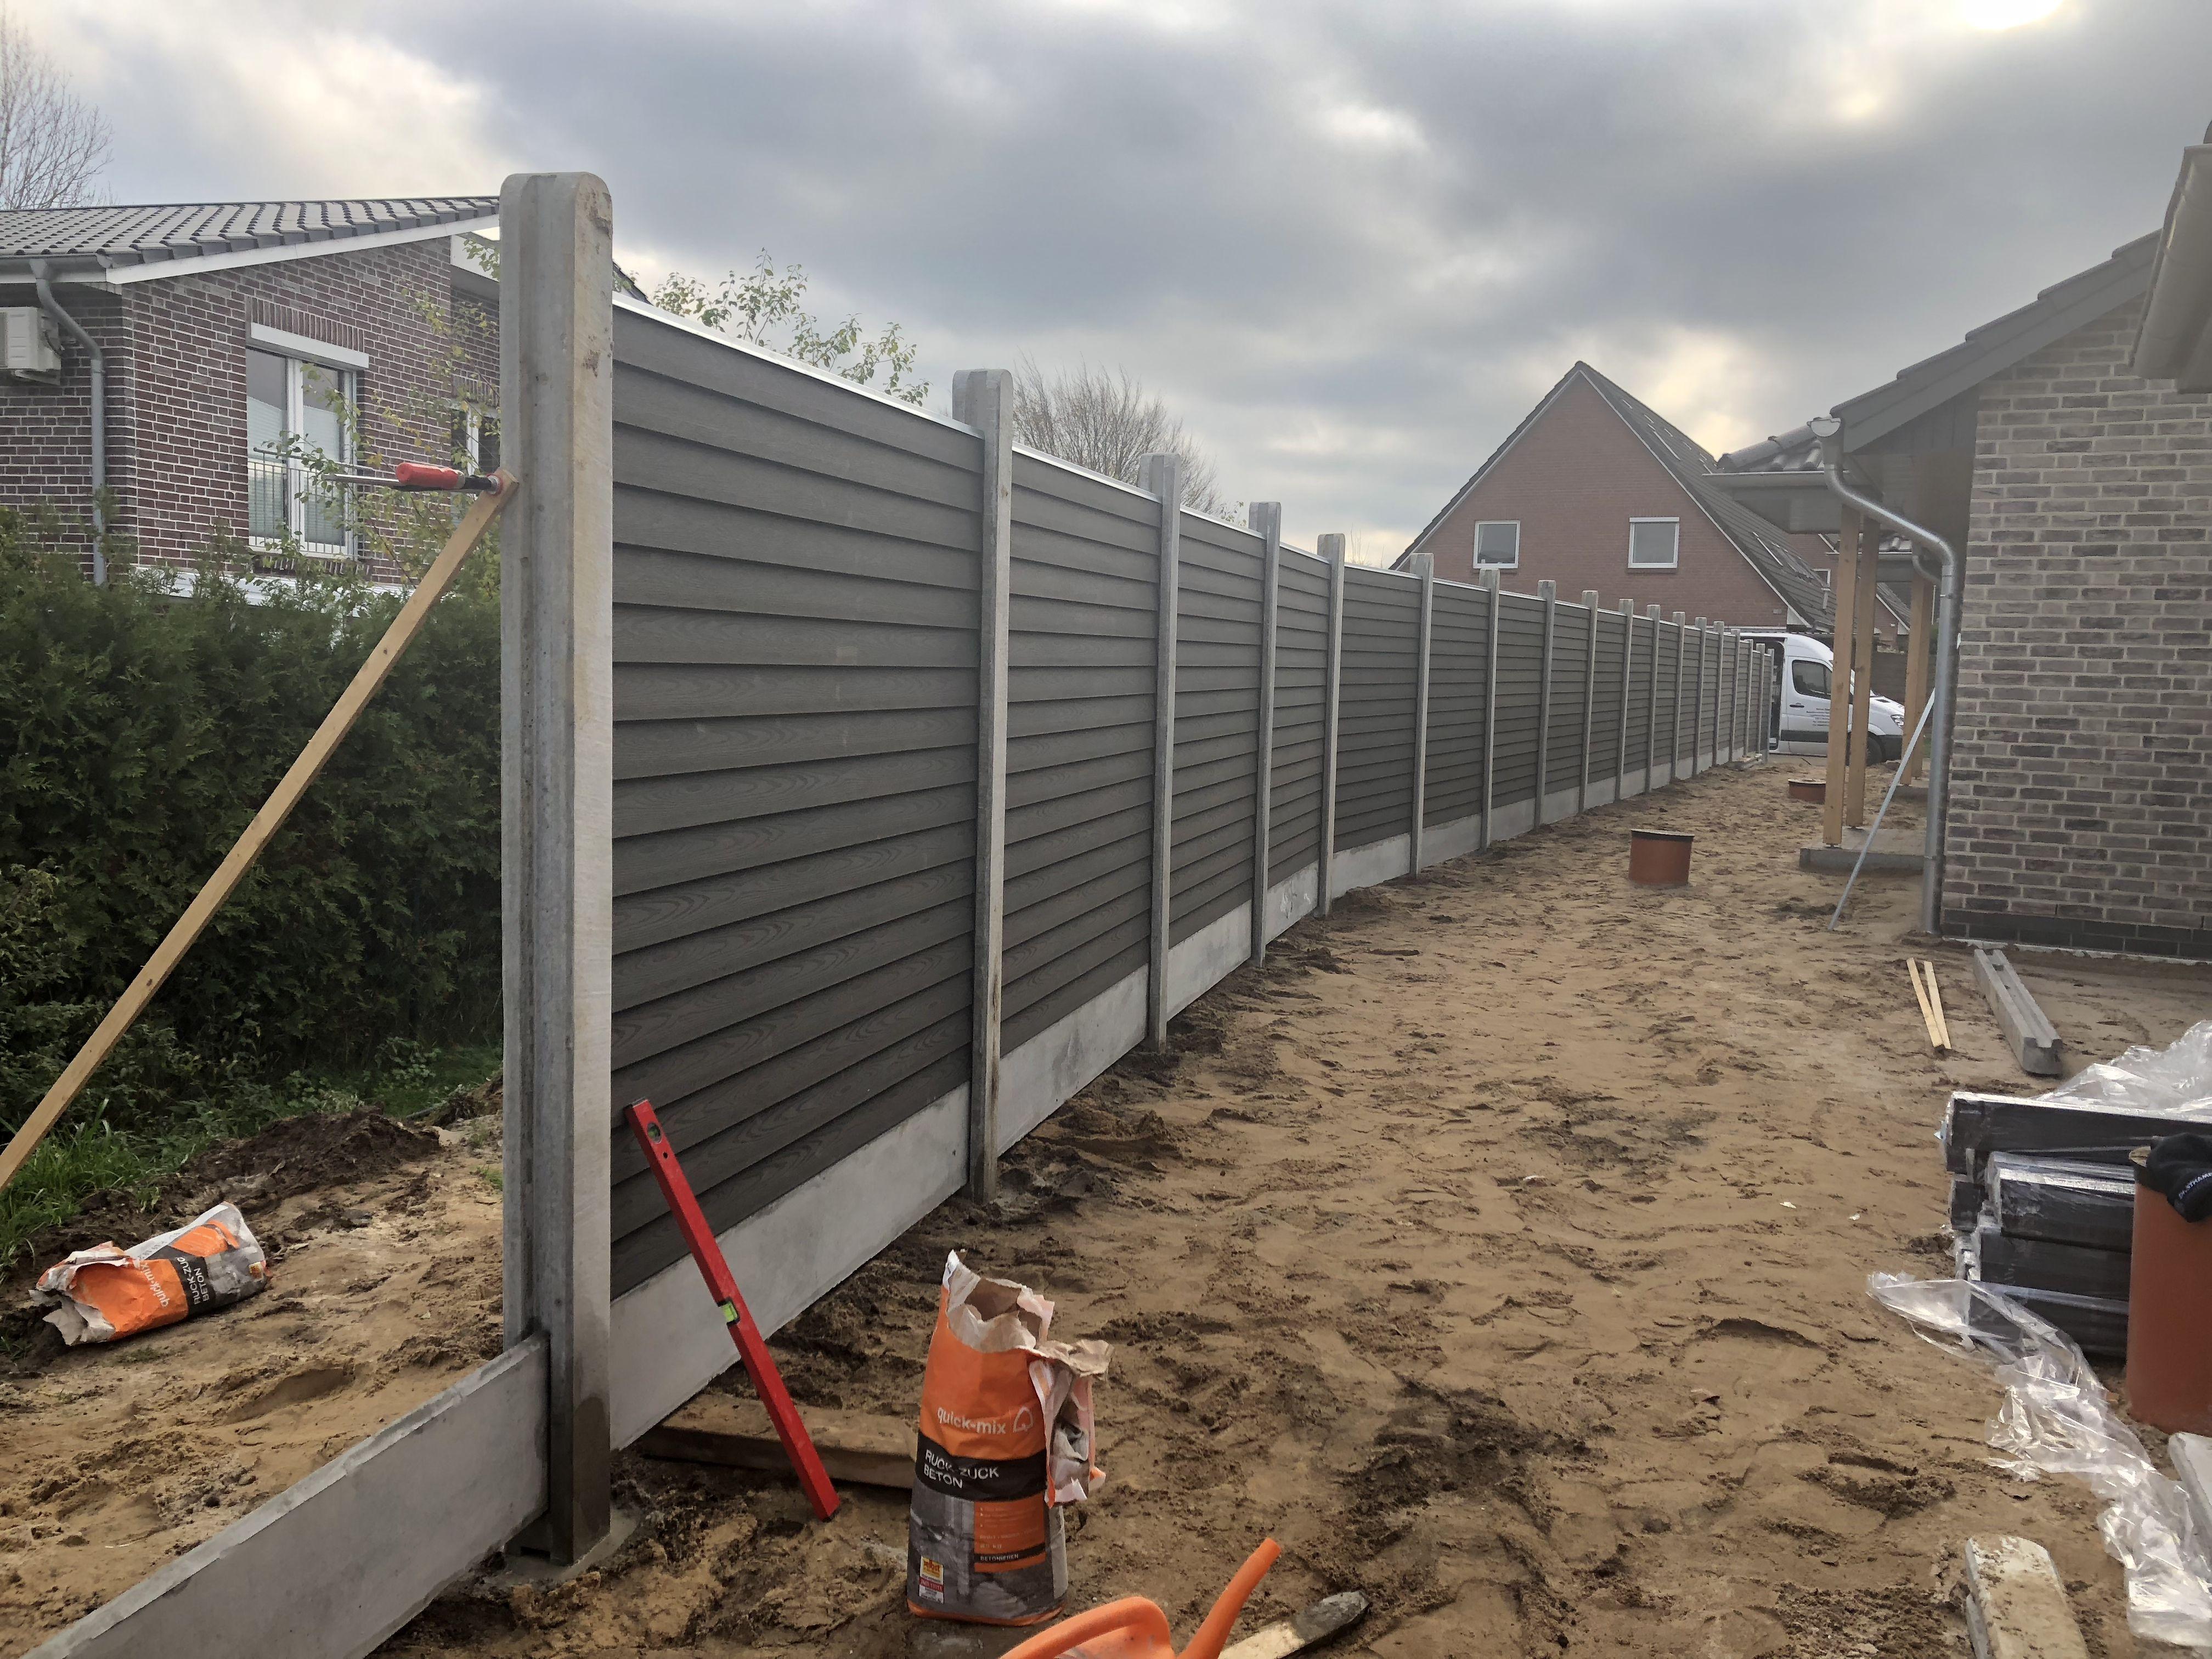 Danischer Sichtschutzzaun Mit Betonpfosten Betonbodenelement Und